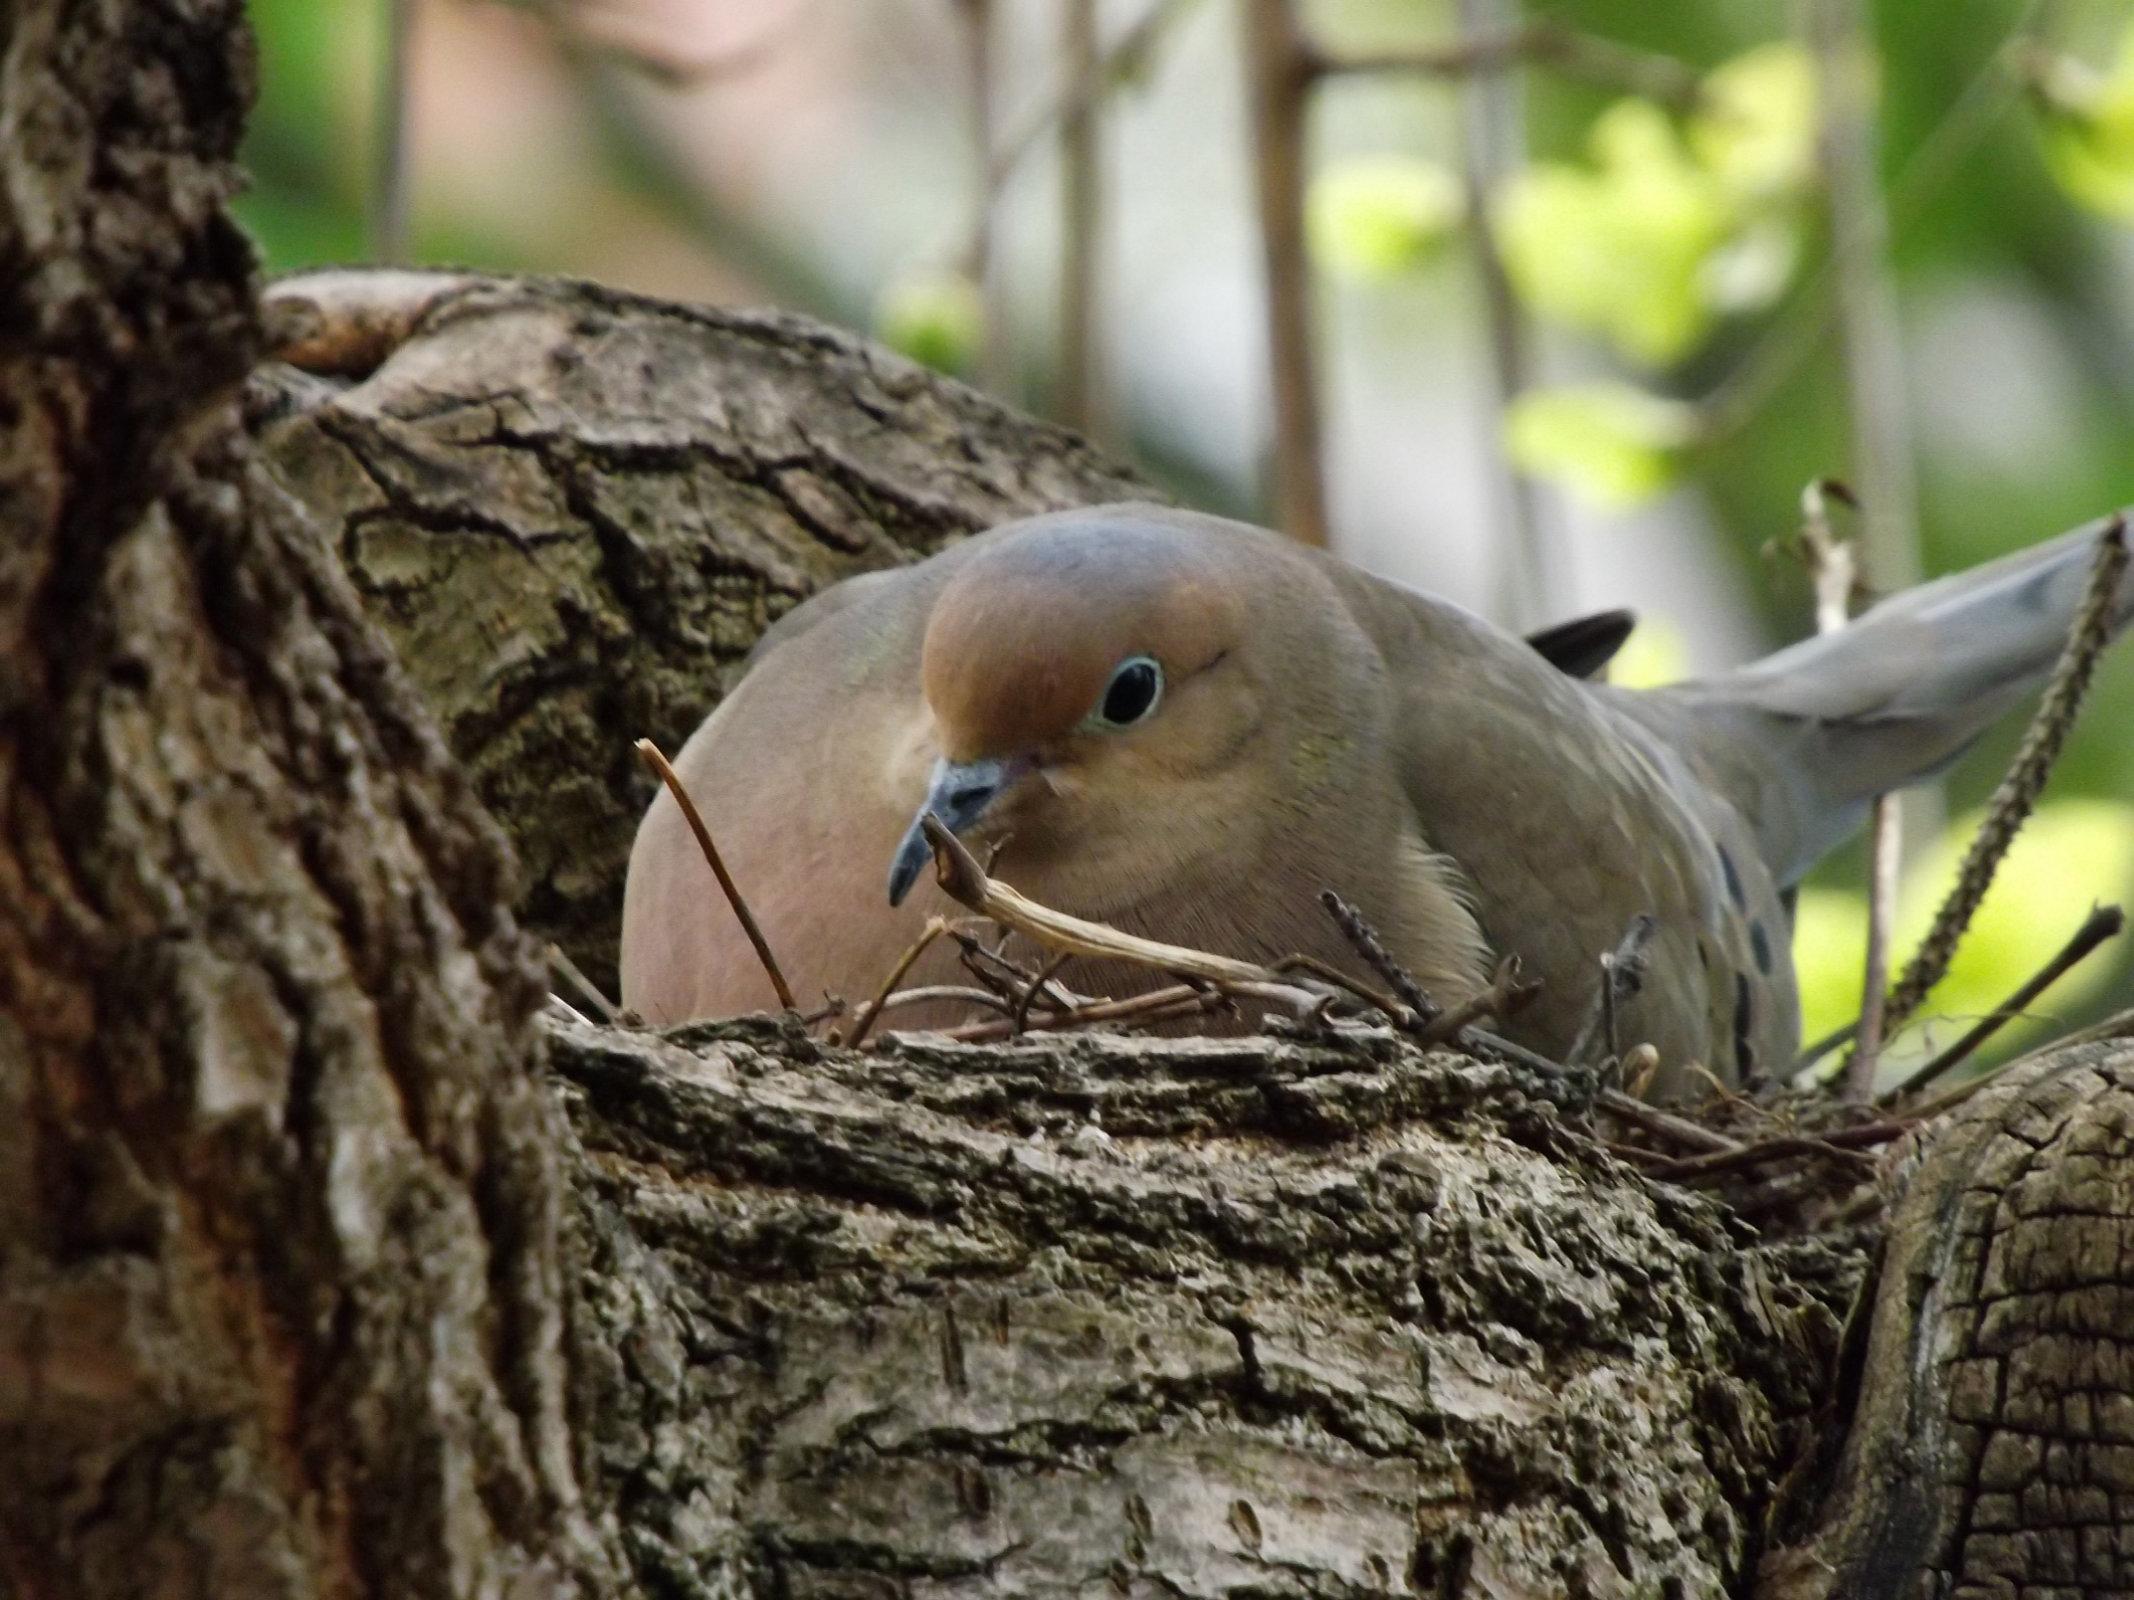 Dove on nest